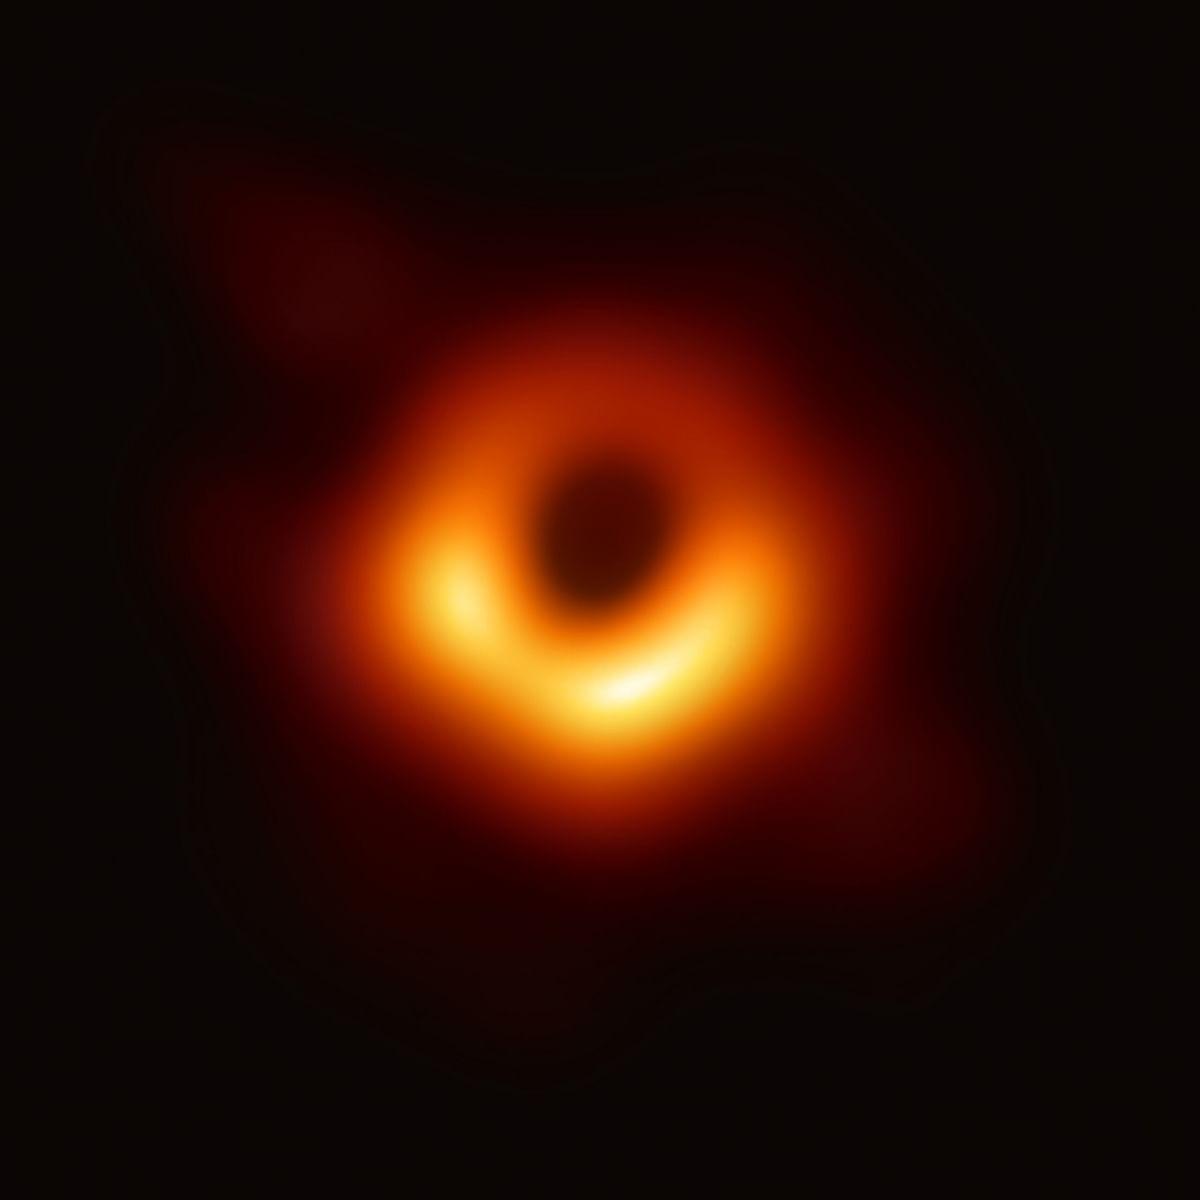 Cosmic censorship